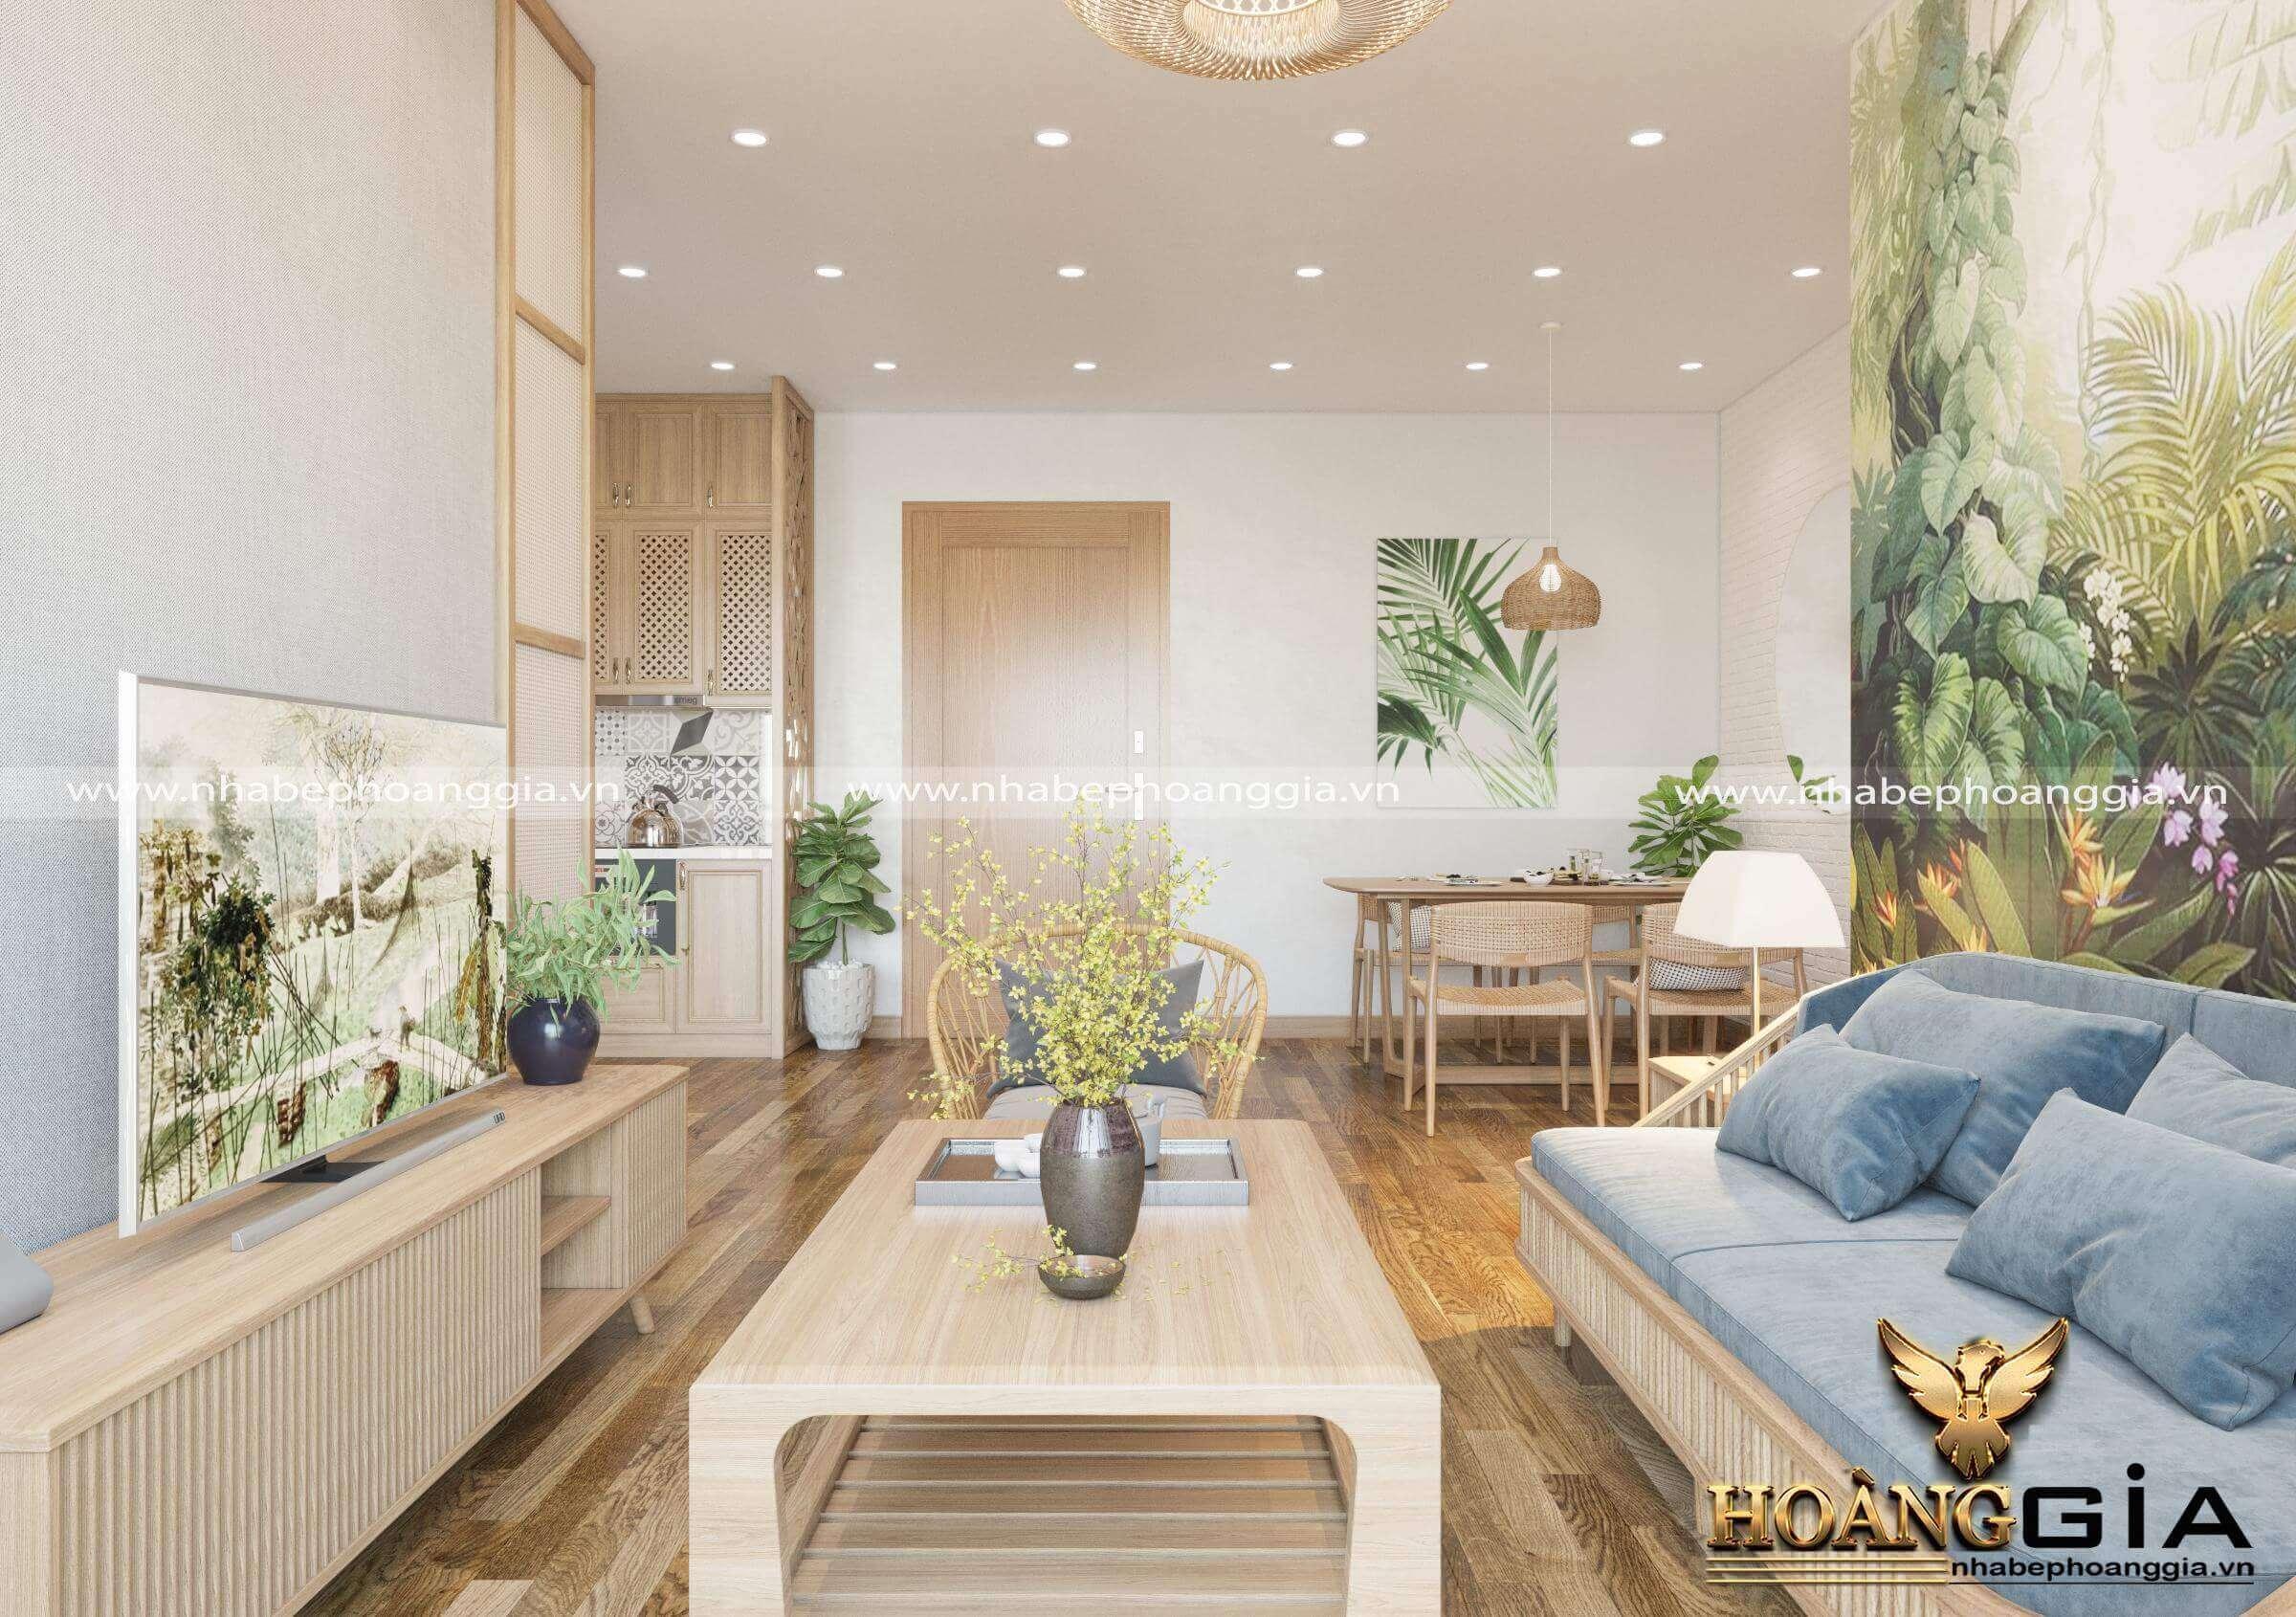 mẫu sofa gỗ cho phòng khách nhỏ